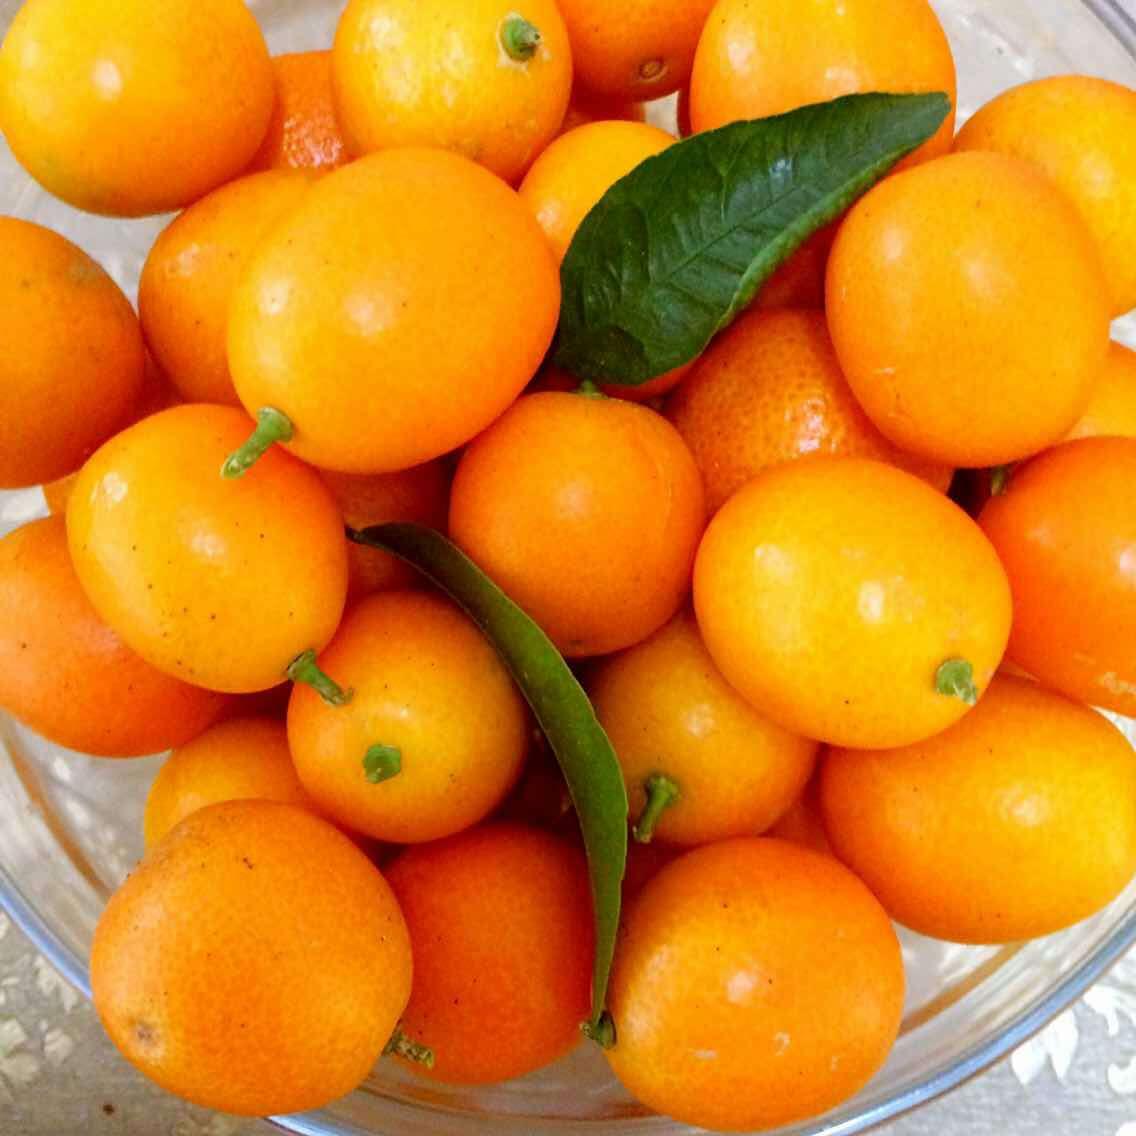 壁纸 矢量 水果 小果 植物 1136_1136